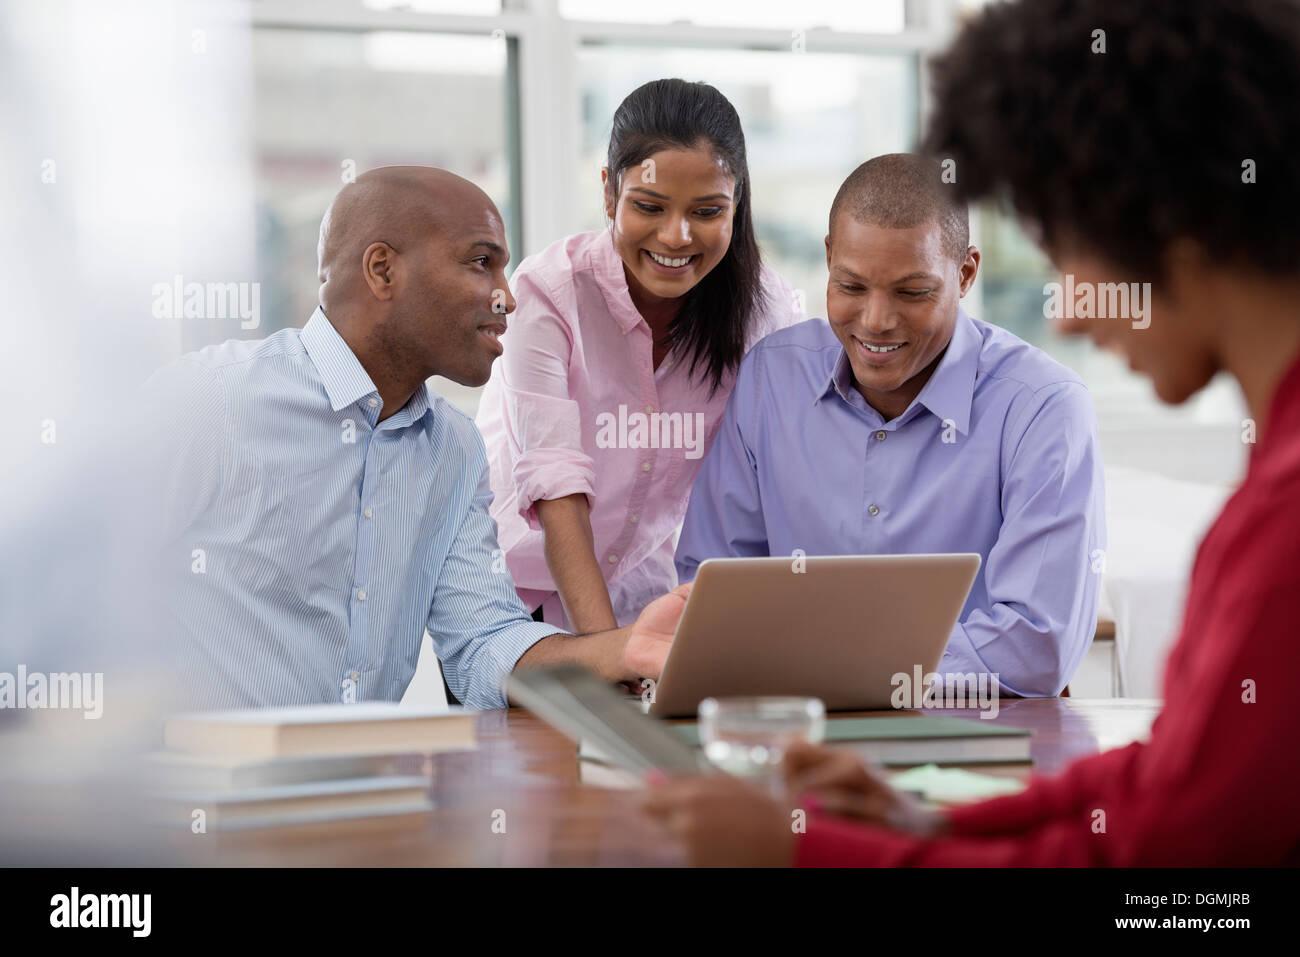 La vie de bureau. Quatre personnes travaillant autour d'une table, à l'aide de tablettes numériques et ordinateurs portables. Photo Stock